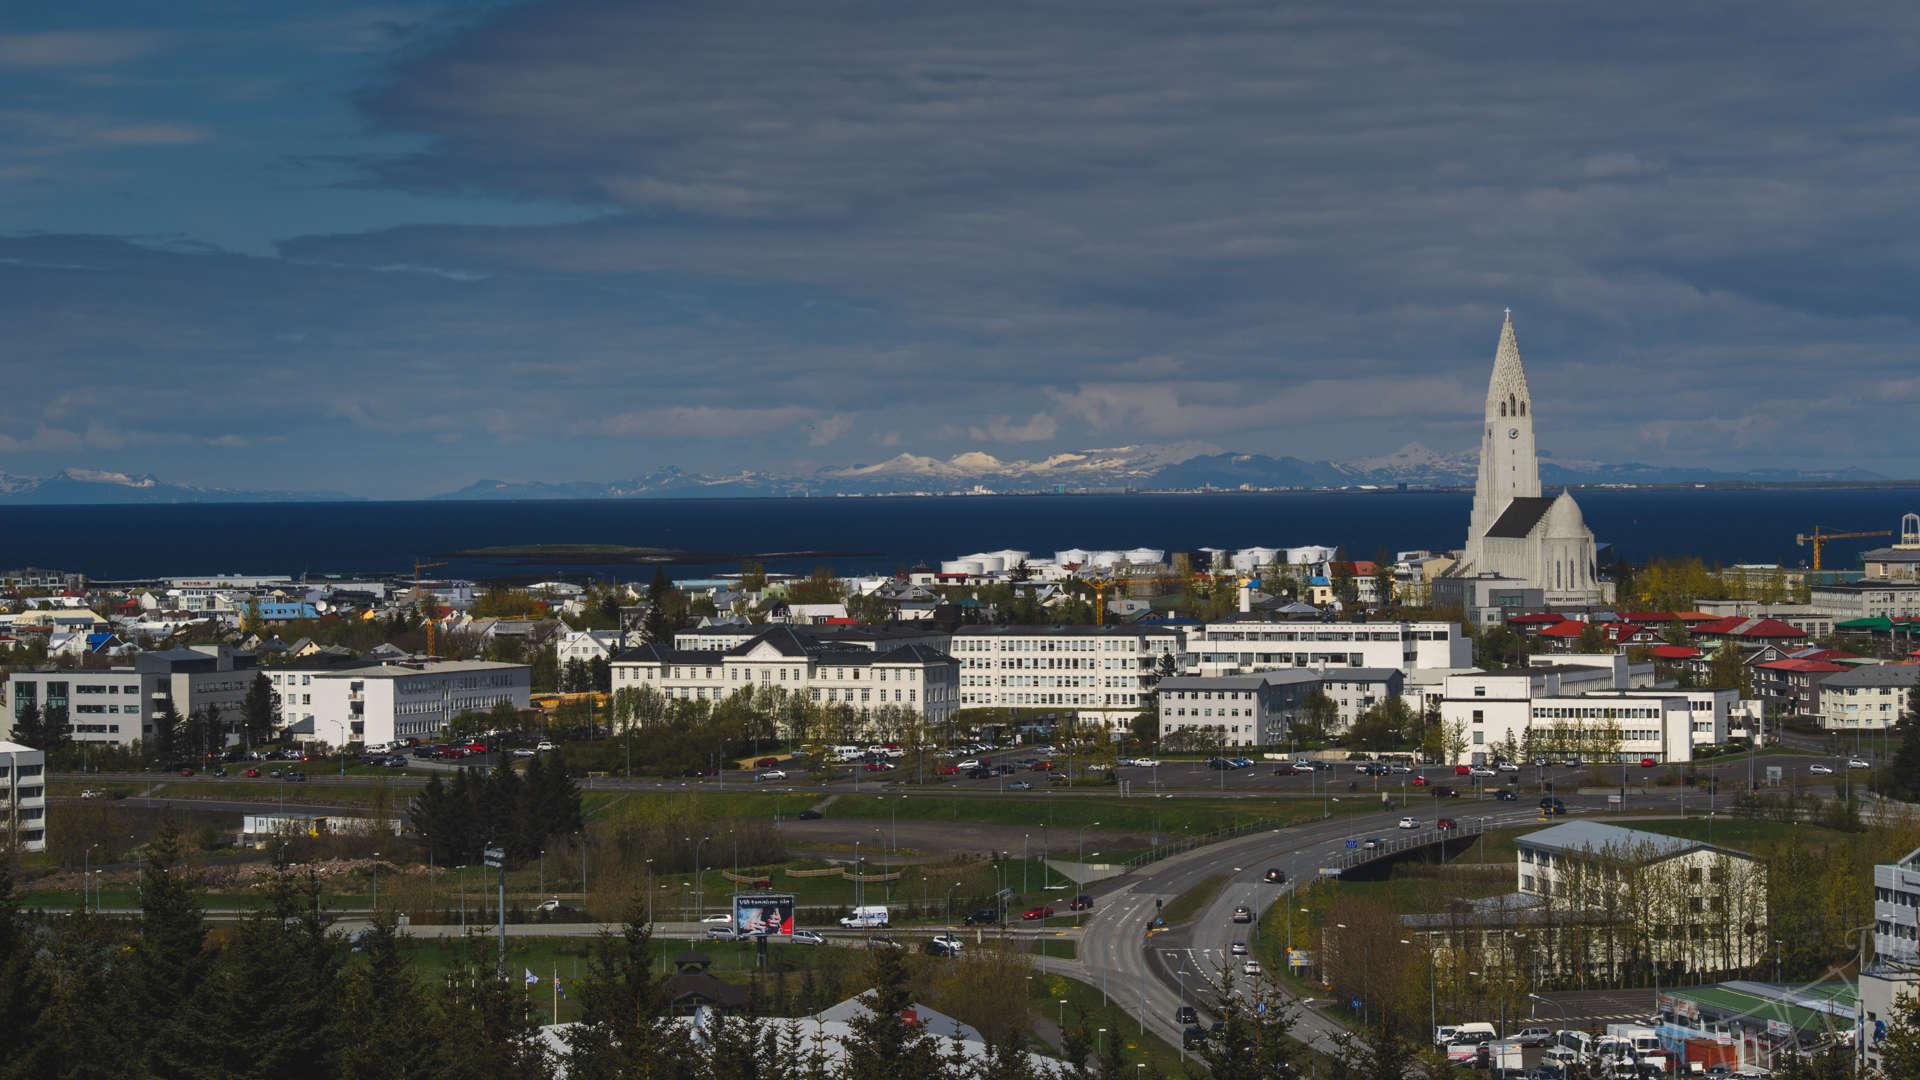 Рейкьявик, обсерватория Рейкьявика, панорама Рейкьявика